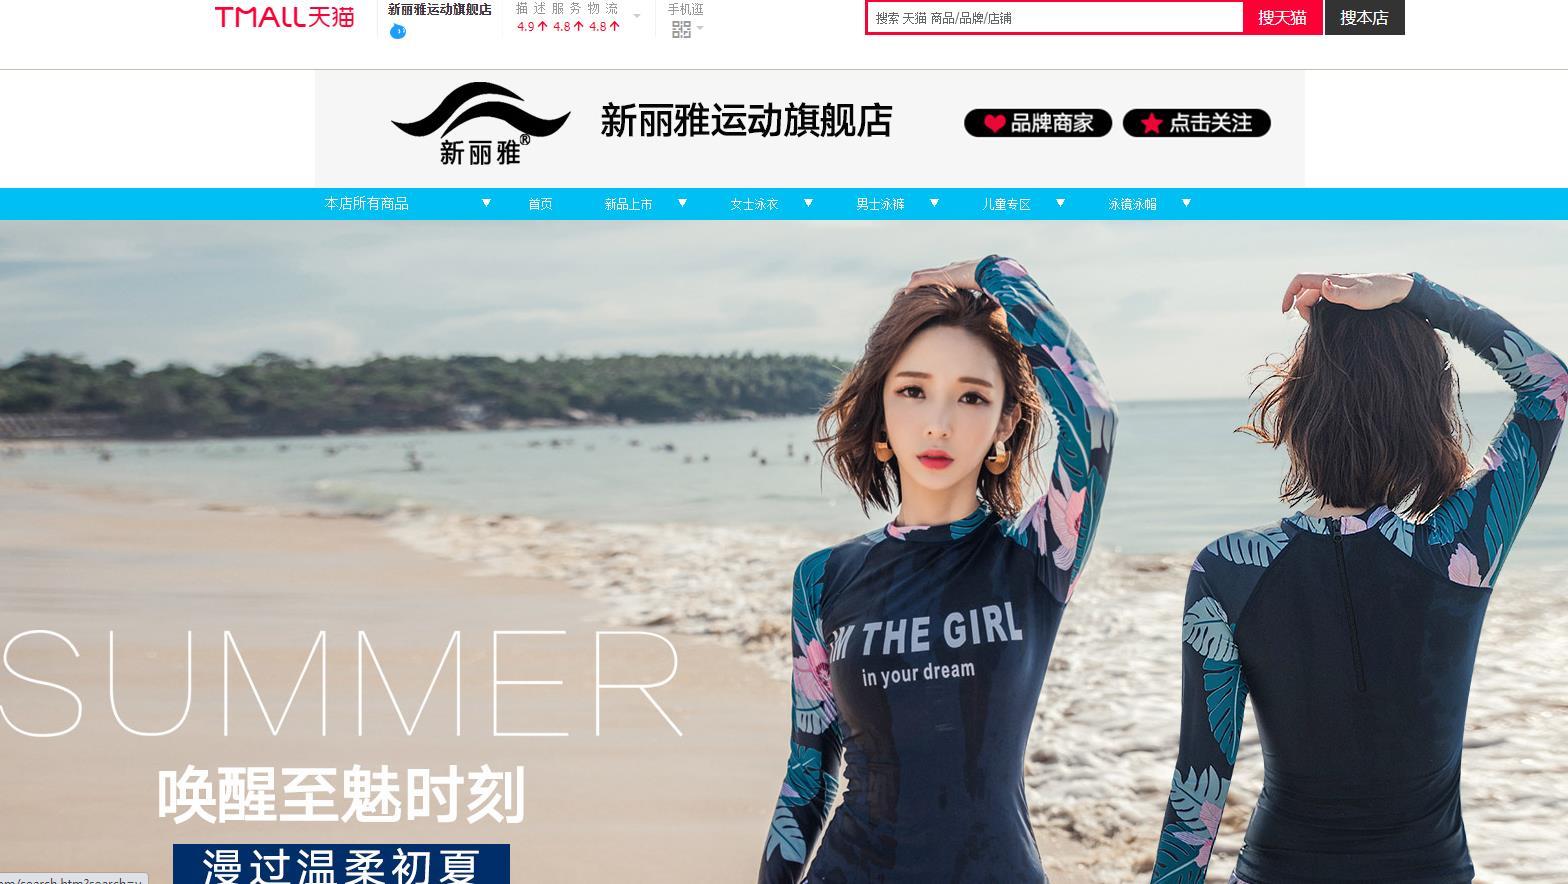 新丽雅泳衣官网 新丽雅泳衣官方旗舰店